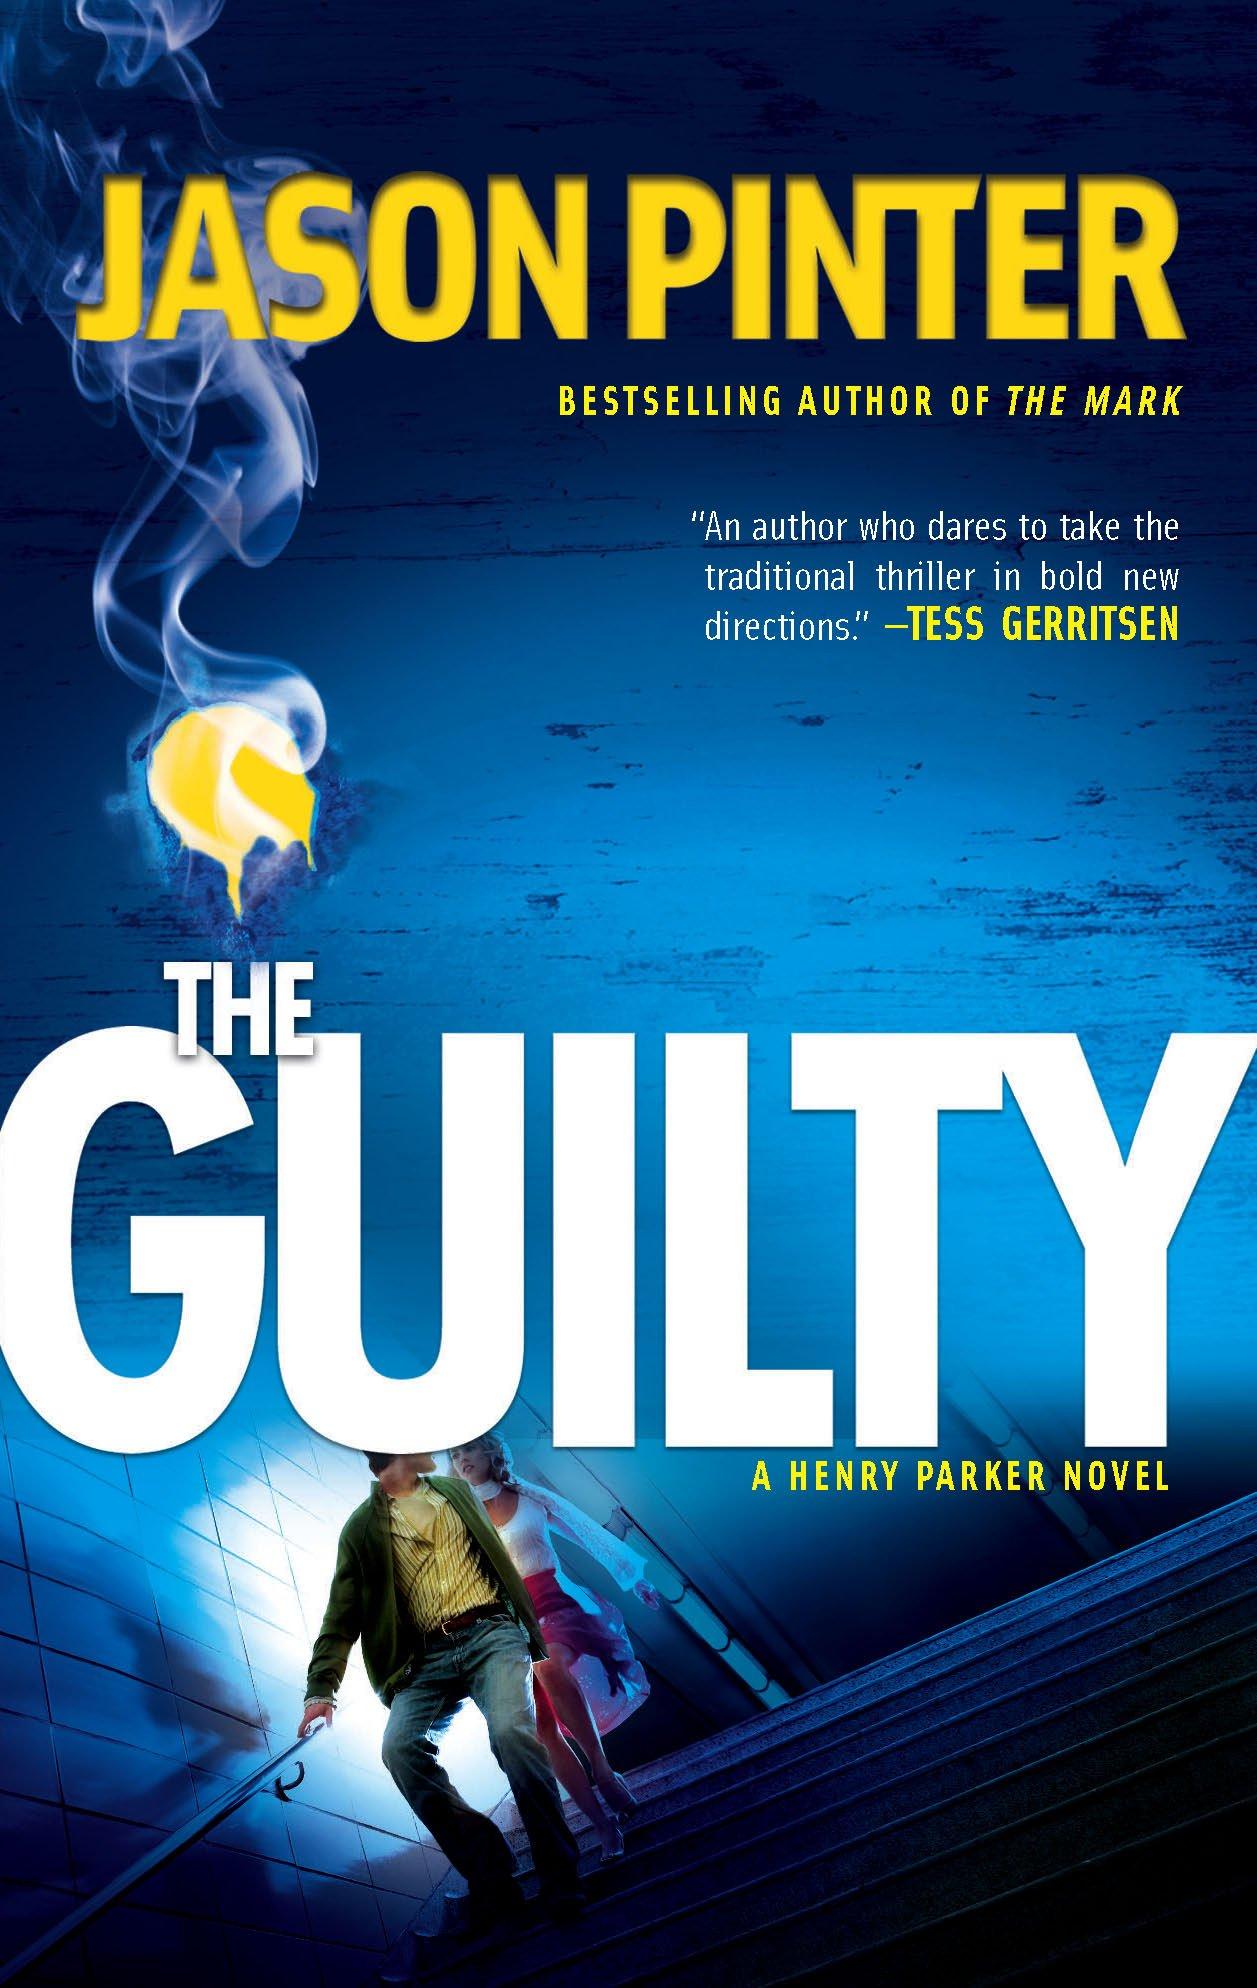 The Guilty (A Henry Parker Novel): Jason Pinter: 9780778324638 ...